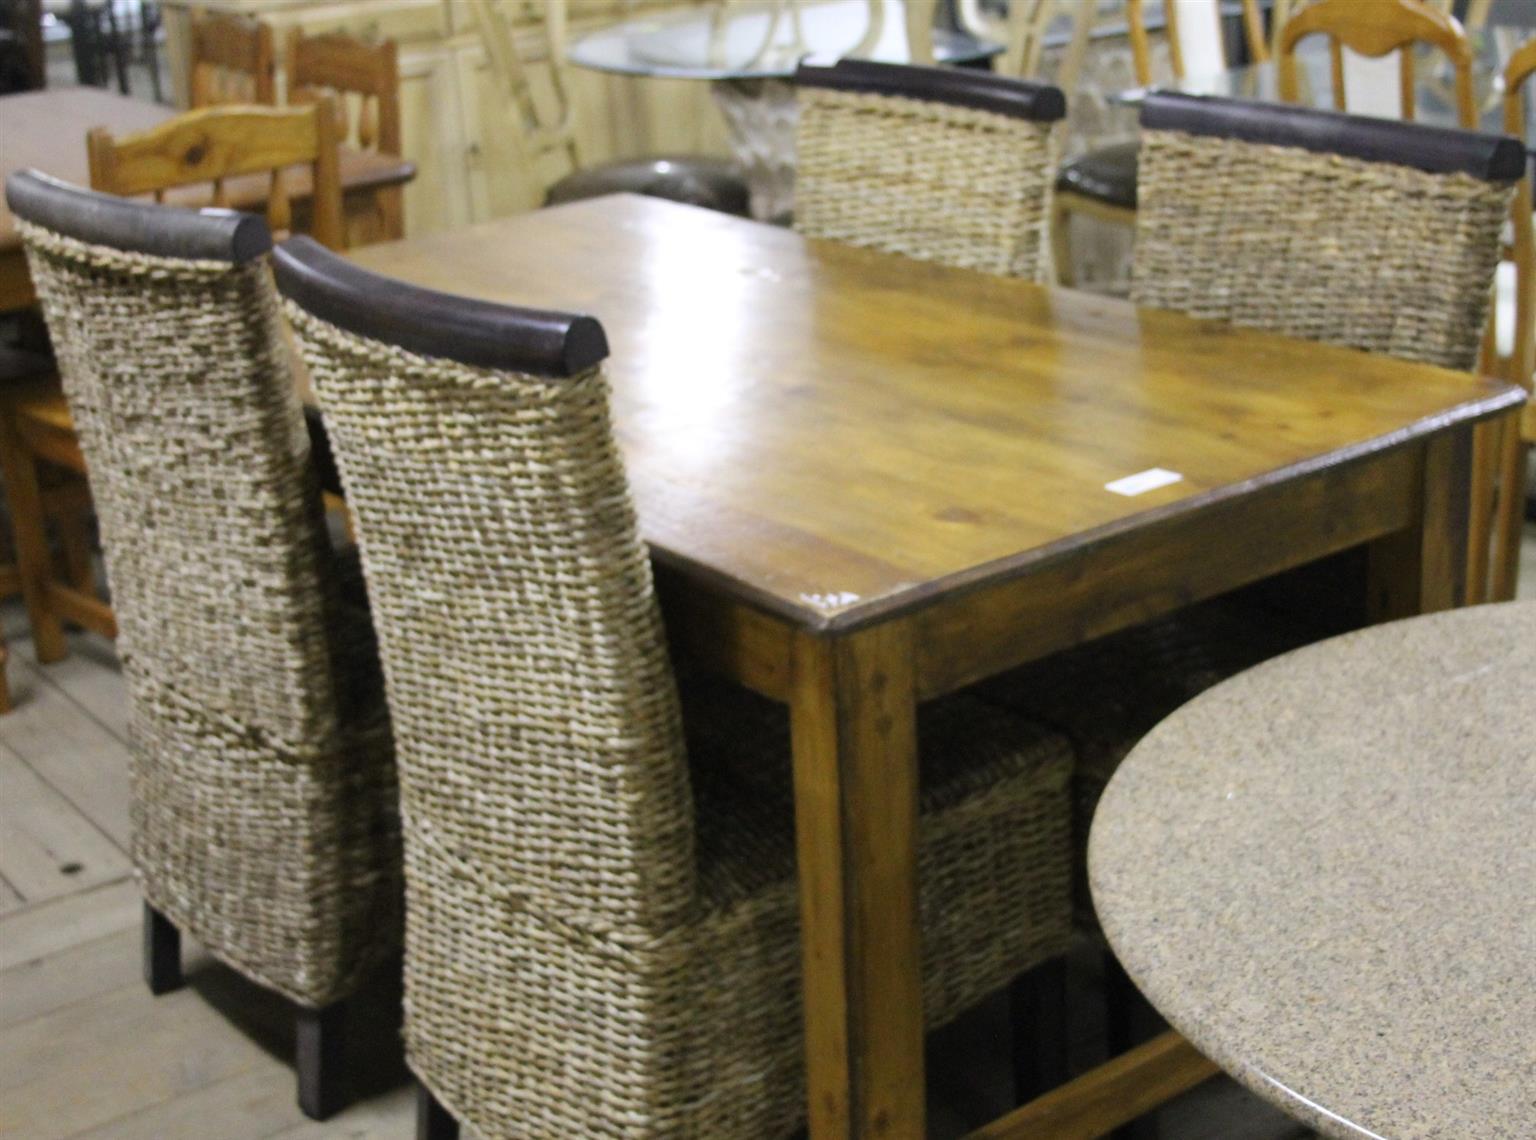 5 piece kitchen set S028672a  #Rosettenvillepawnshop